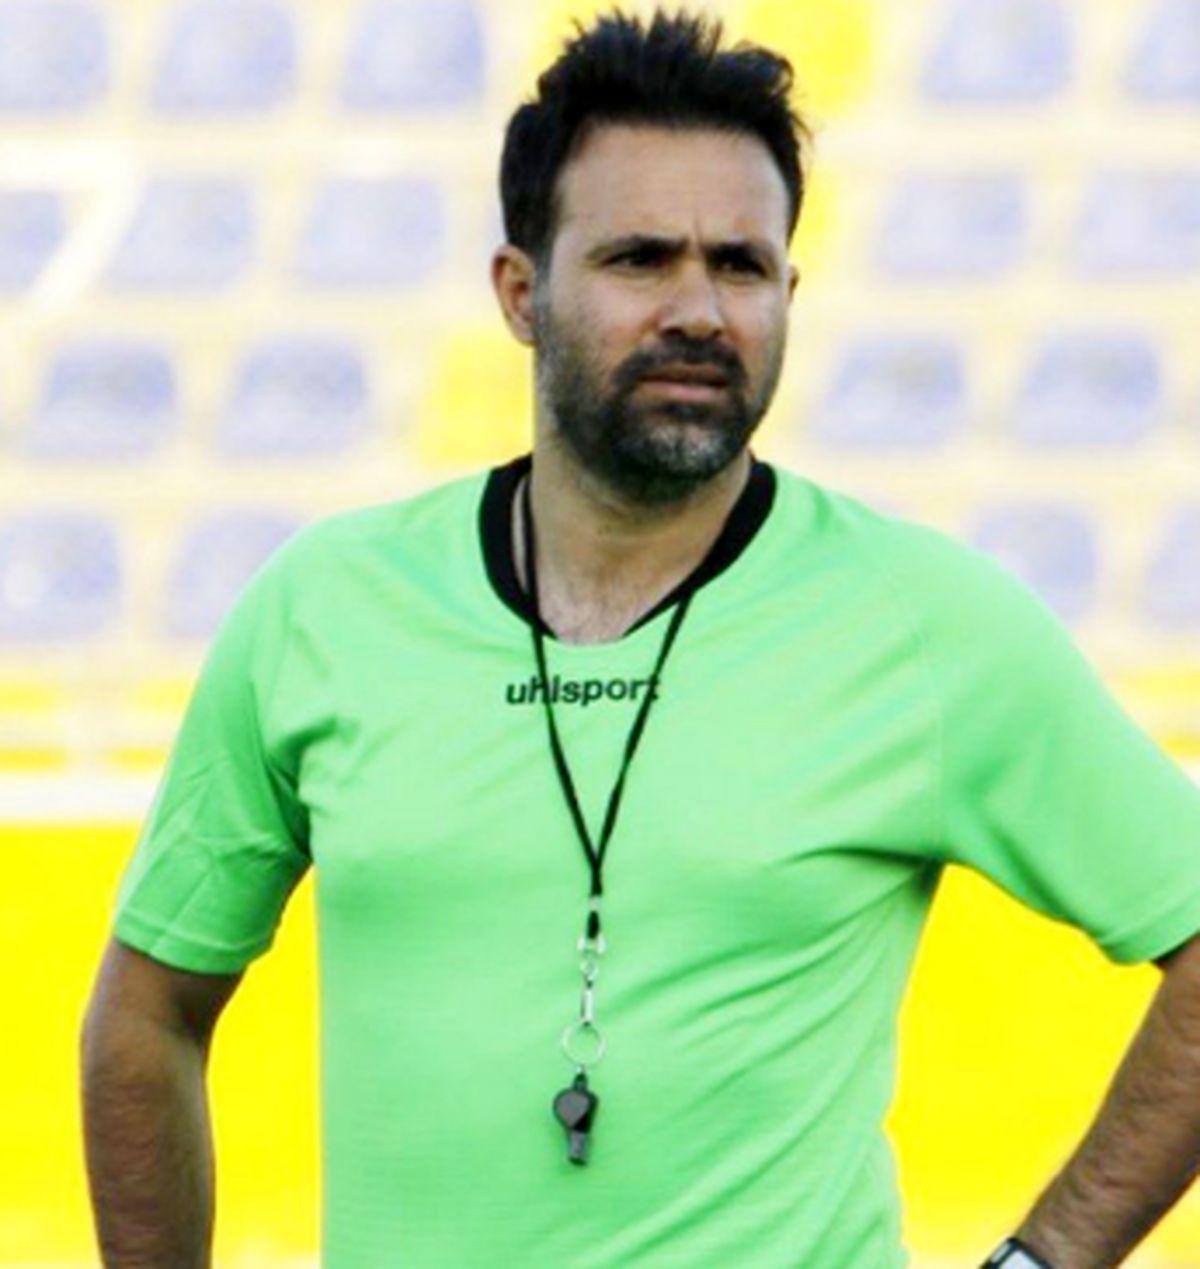 نصرتی: فدراسیون فوتبال در ۵ سال اخیر روند نزولی داشت